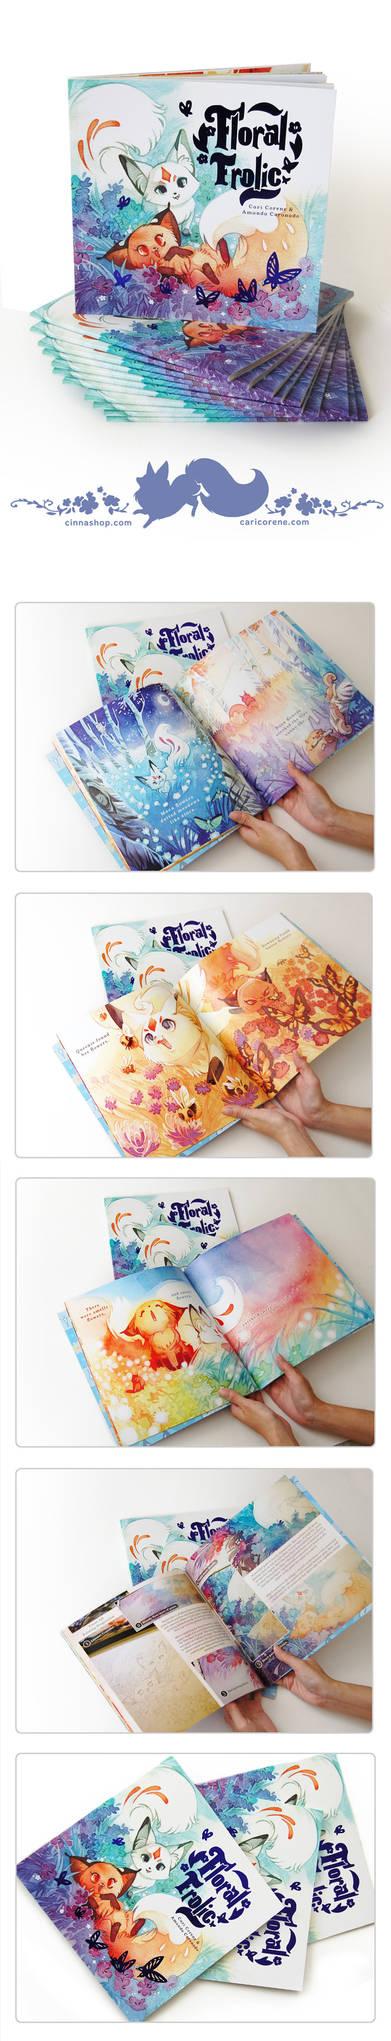 Floral Frolic Kids Book